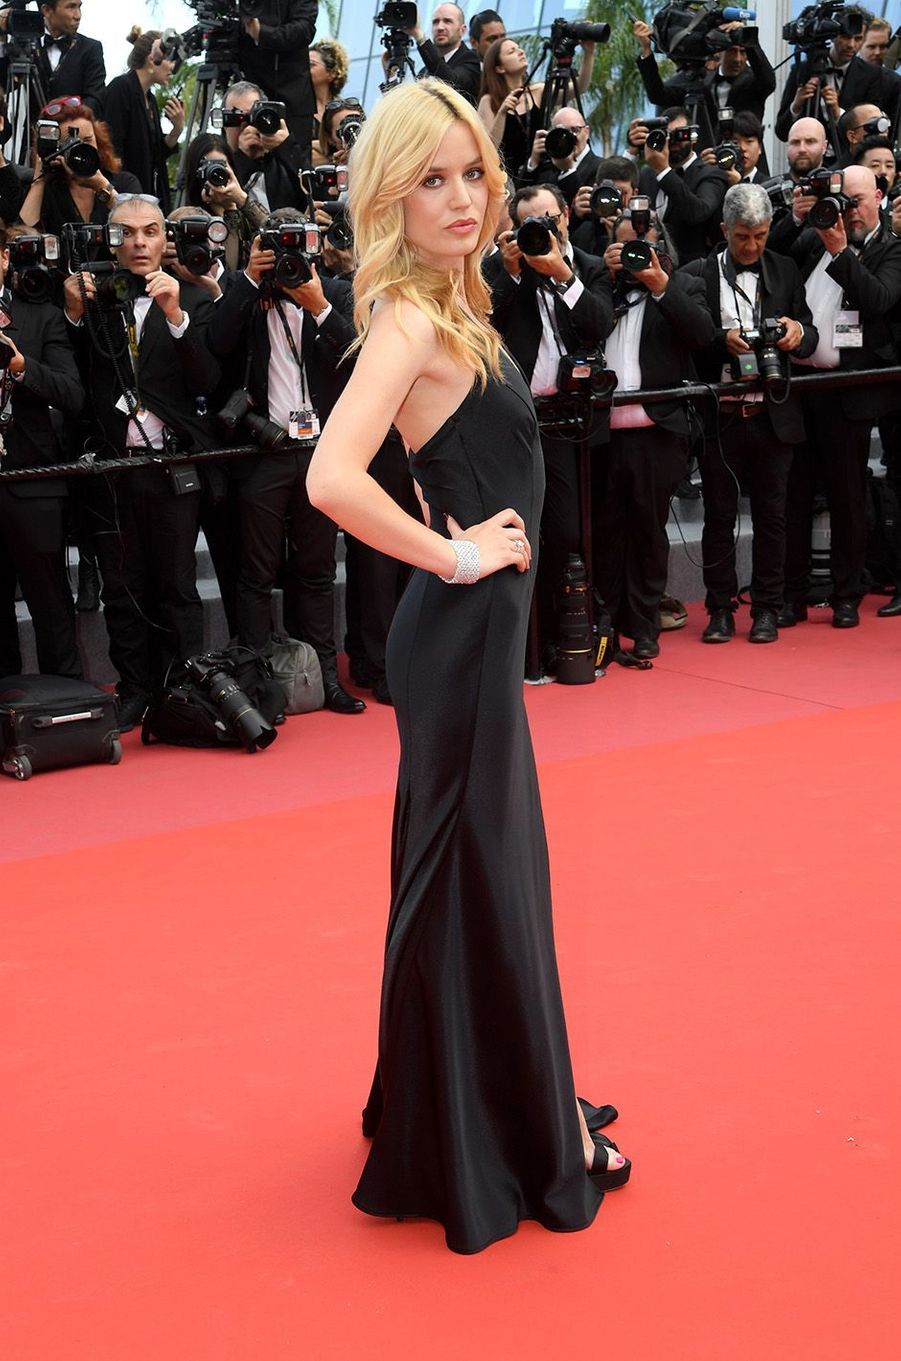 Georgia May Jaggersur le tapis rouge de la 71e édition du festival de Cannes, le 8 mai 2018.